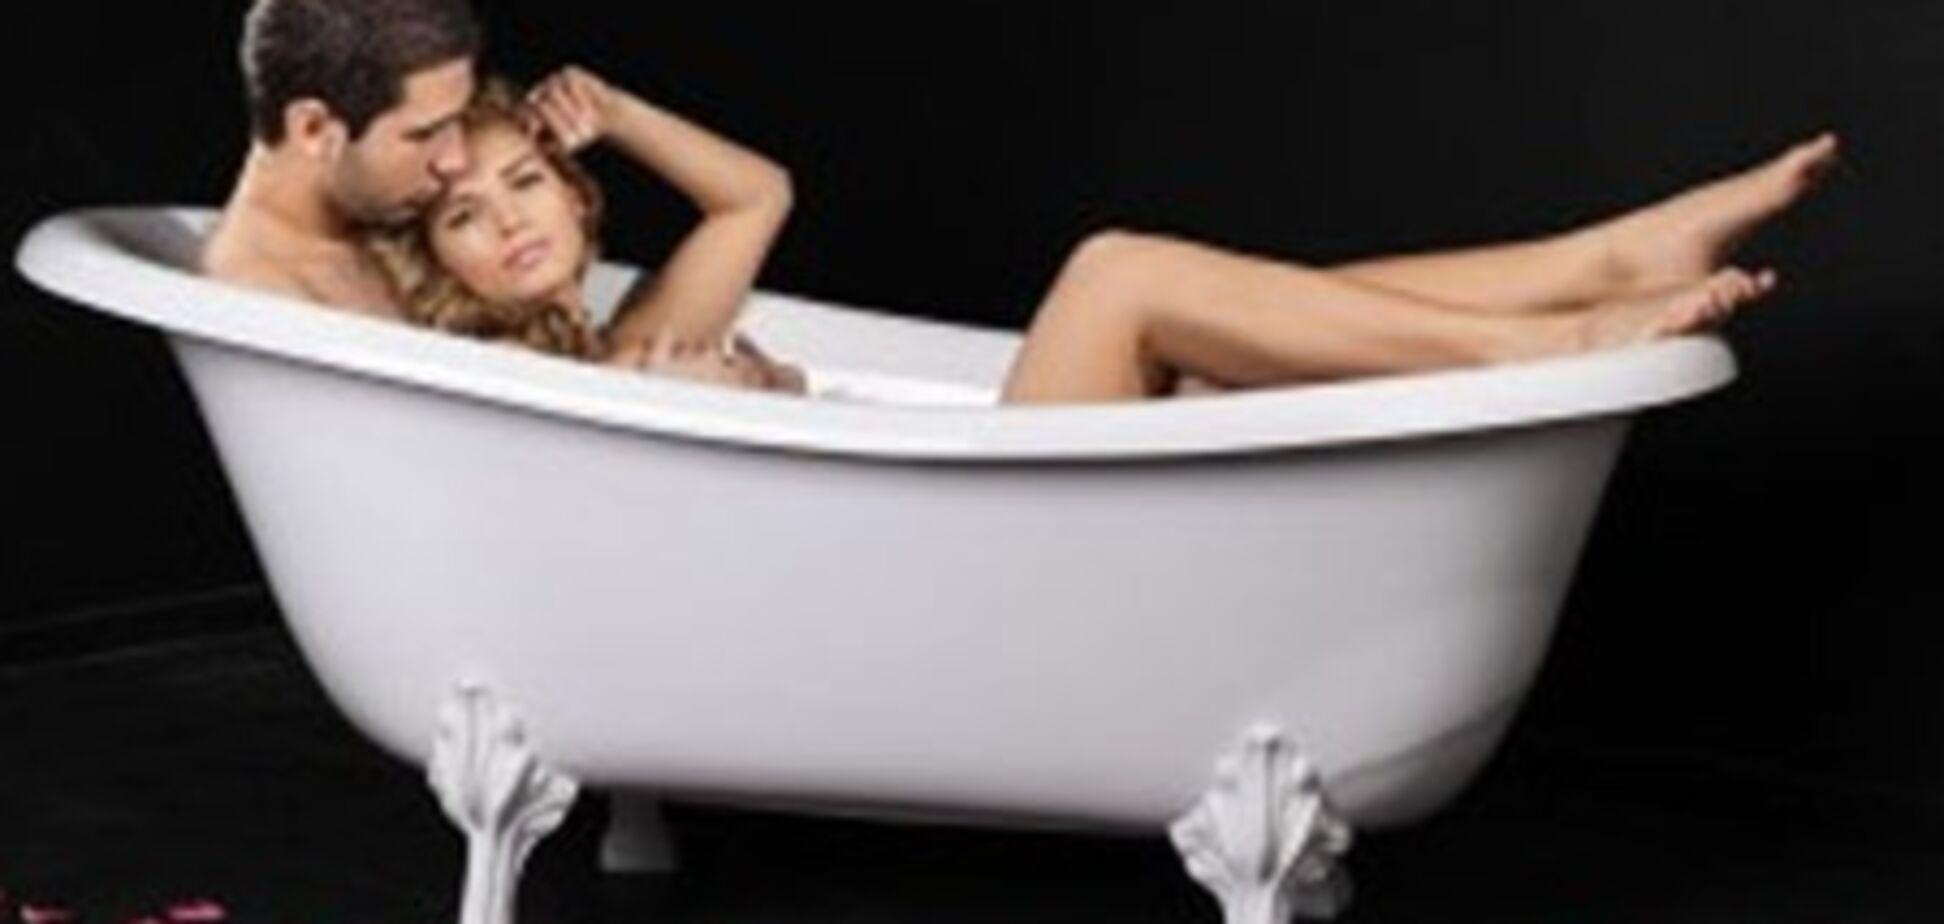 Секс в ванной: выбрана лучшая поза